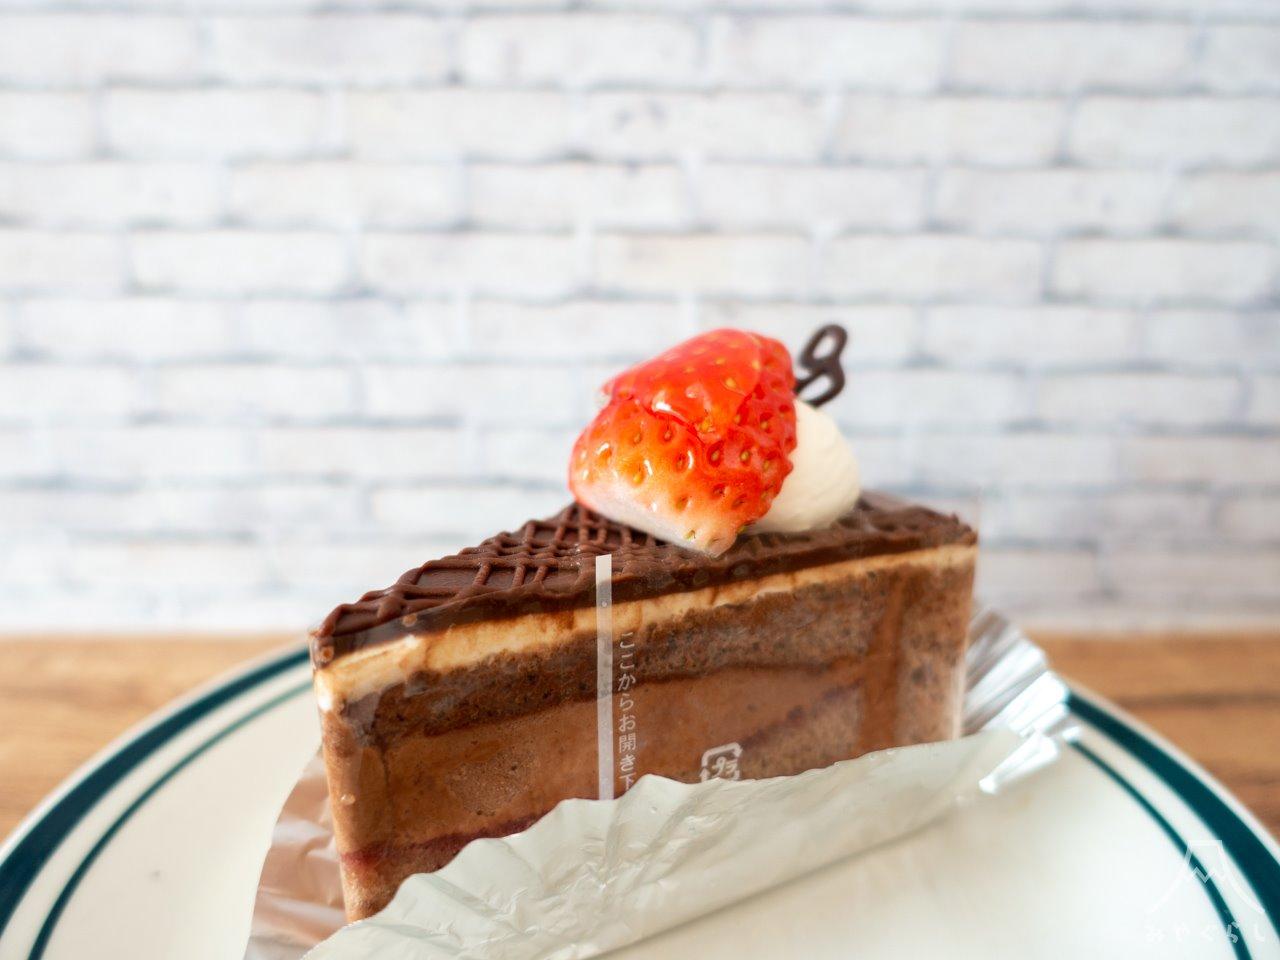 明月堂のチョコレートケーキ